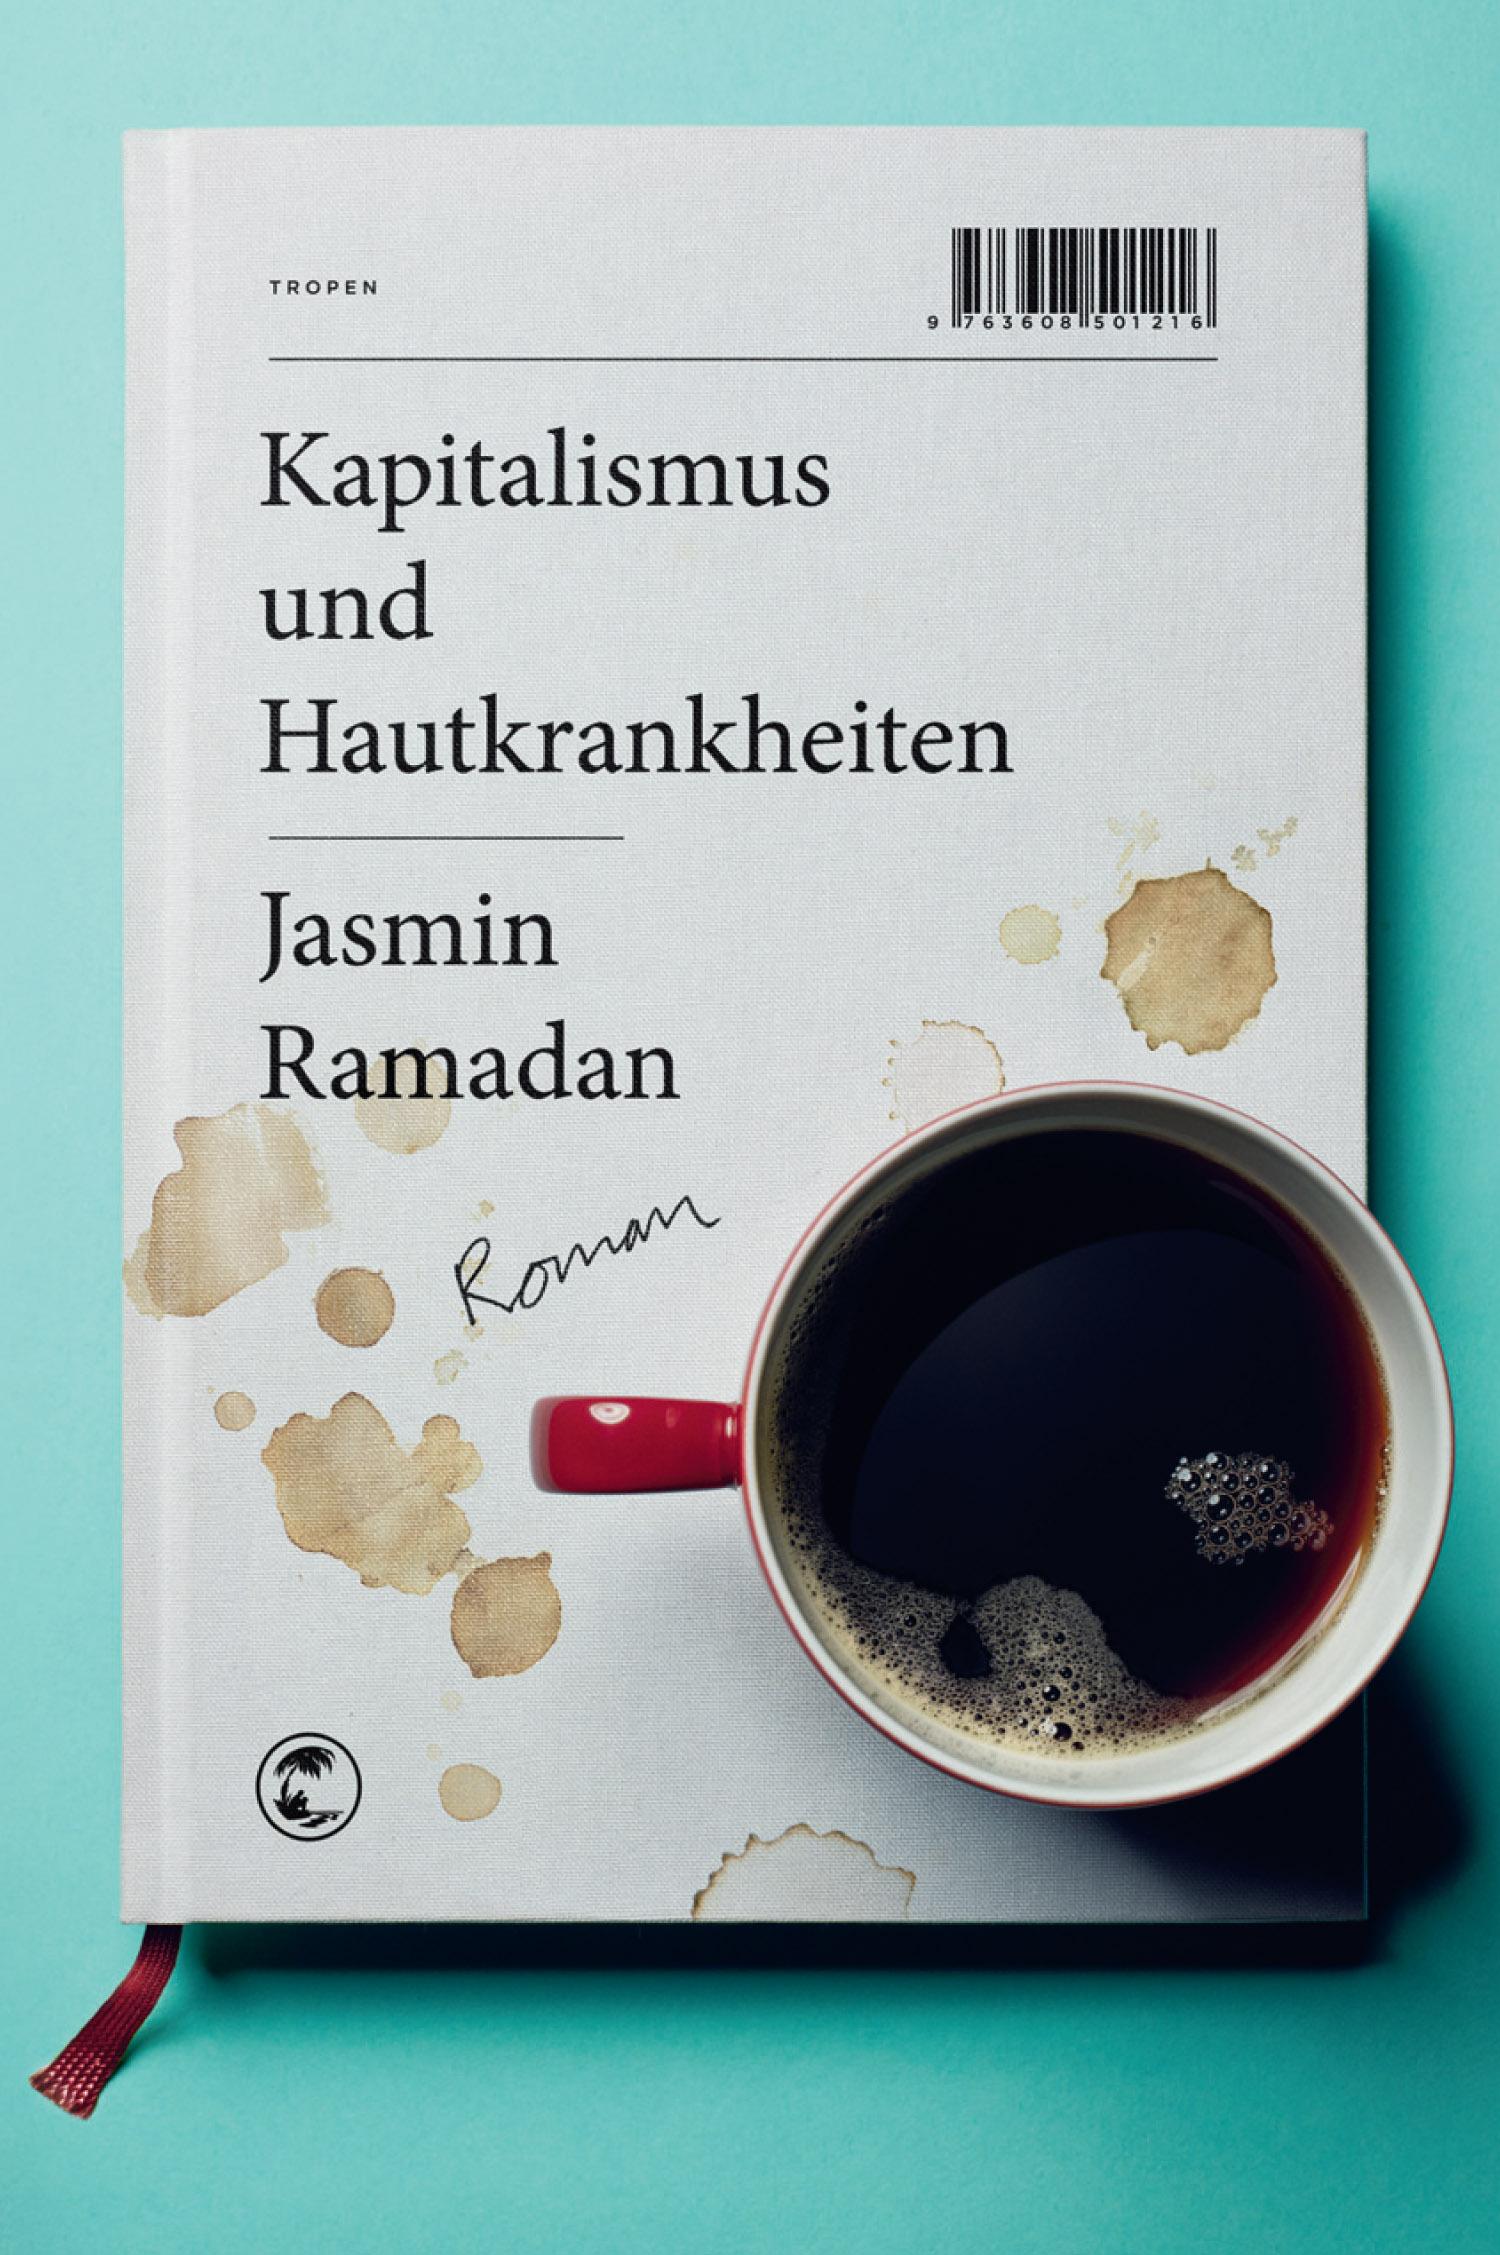 Jasmin Ramadan – Kapitalismus und Hautkrankheiten (Buch)